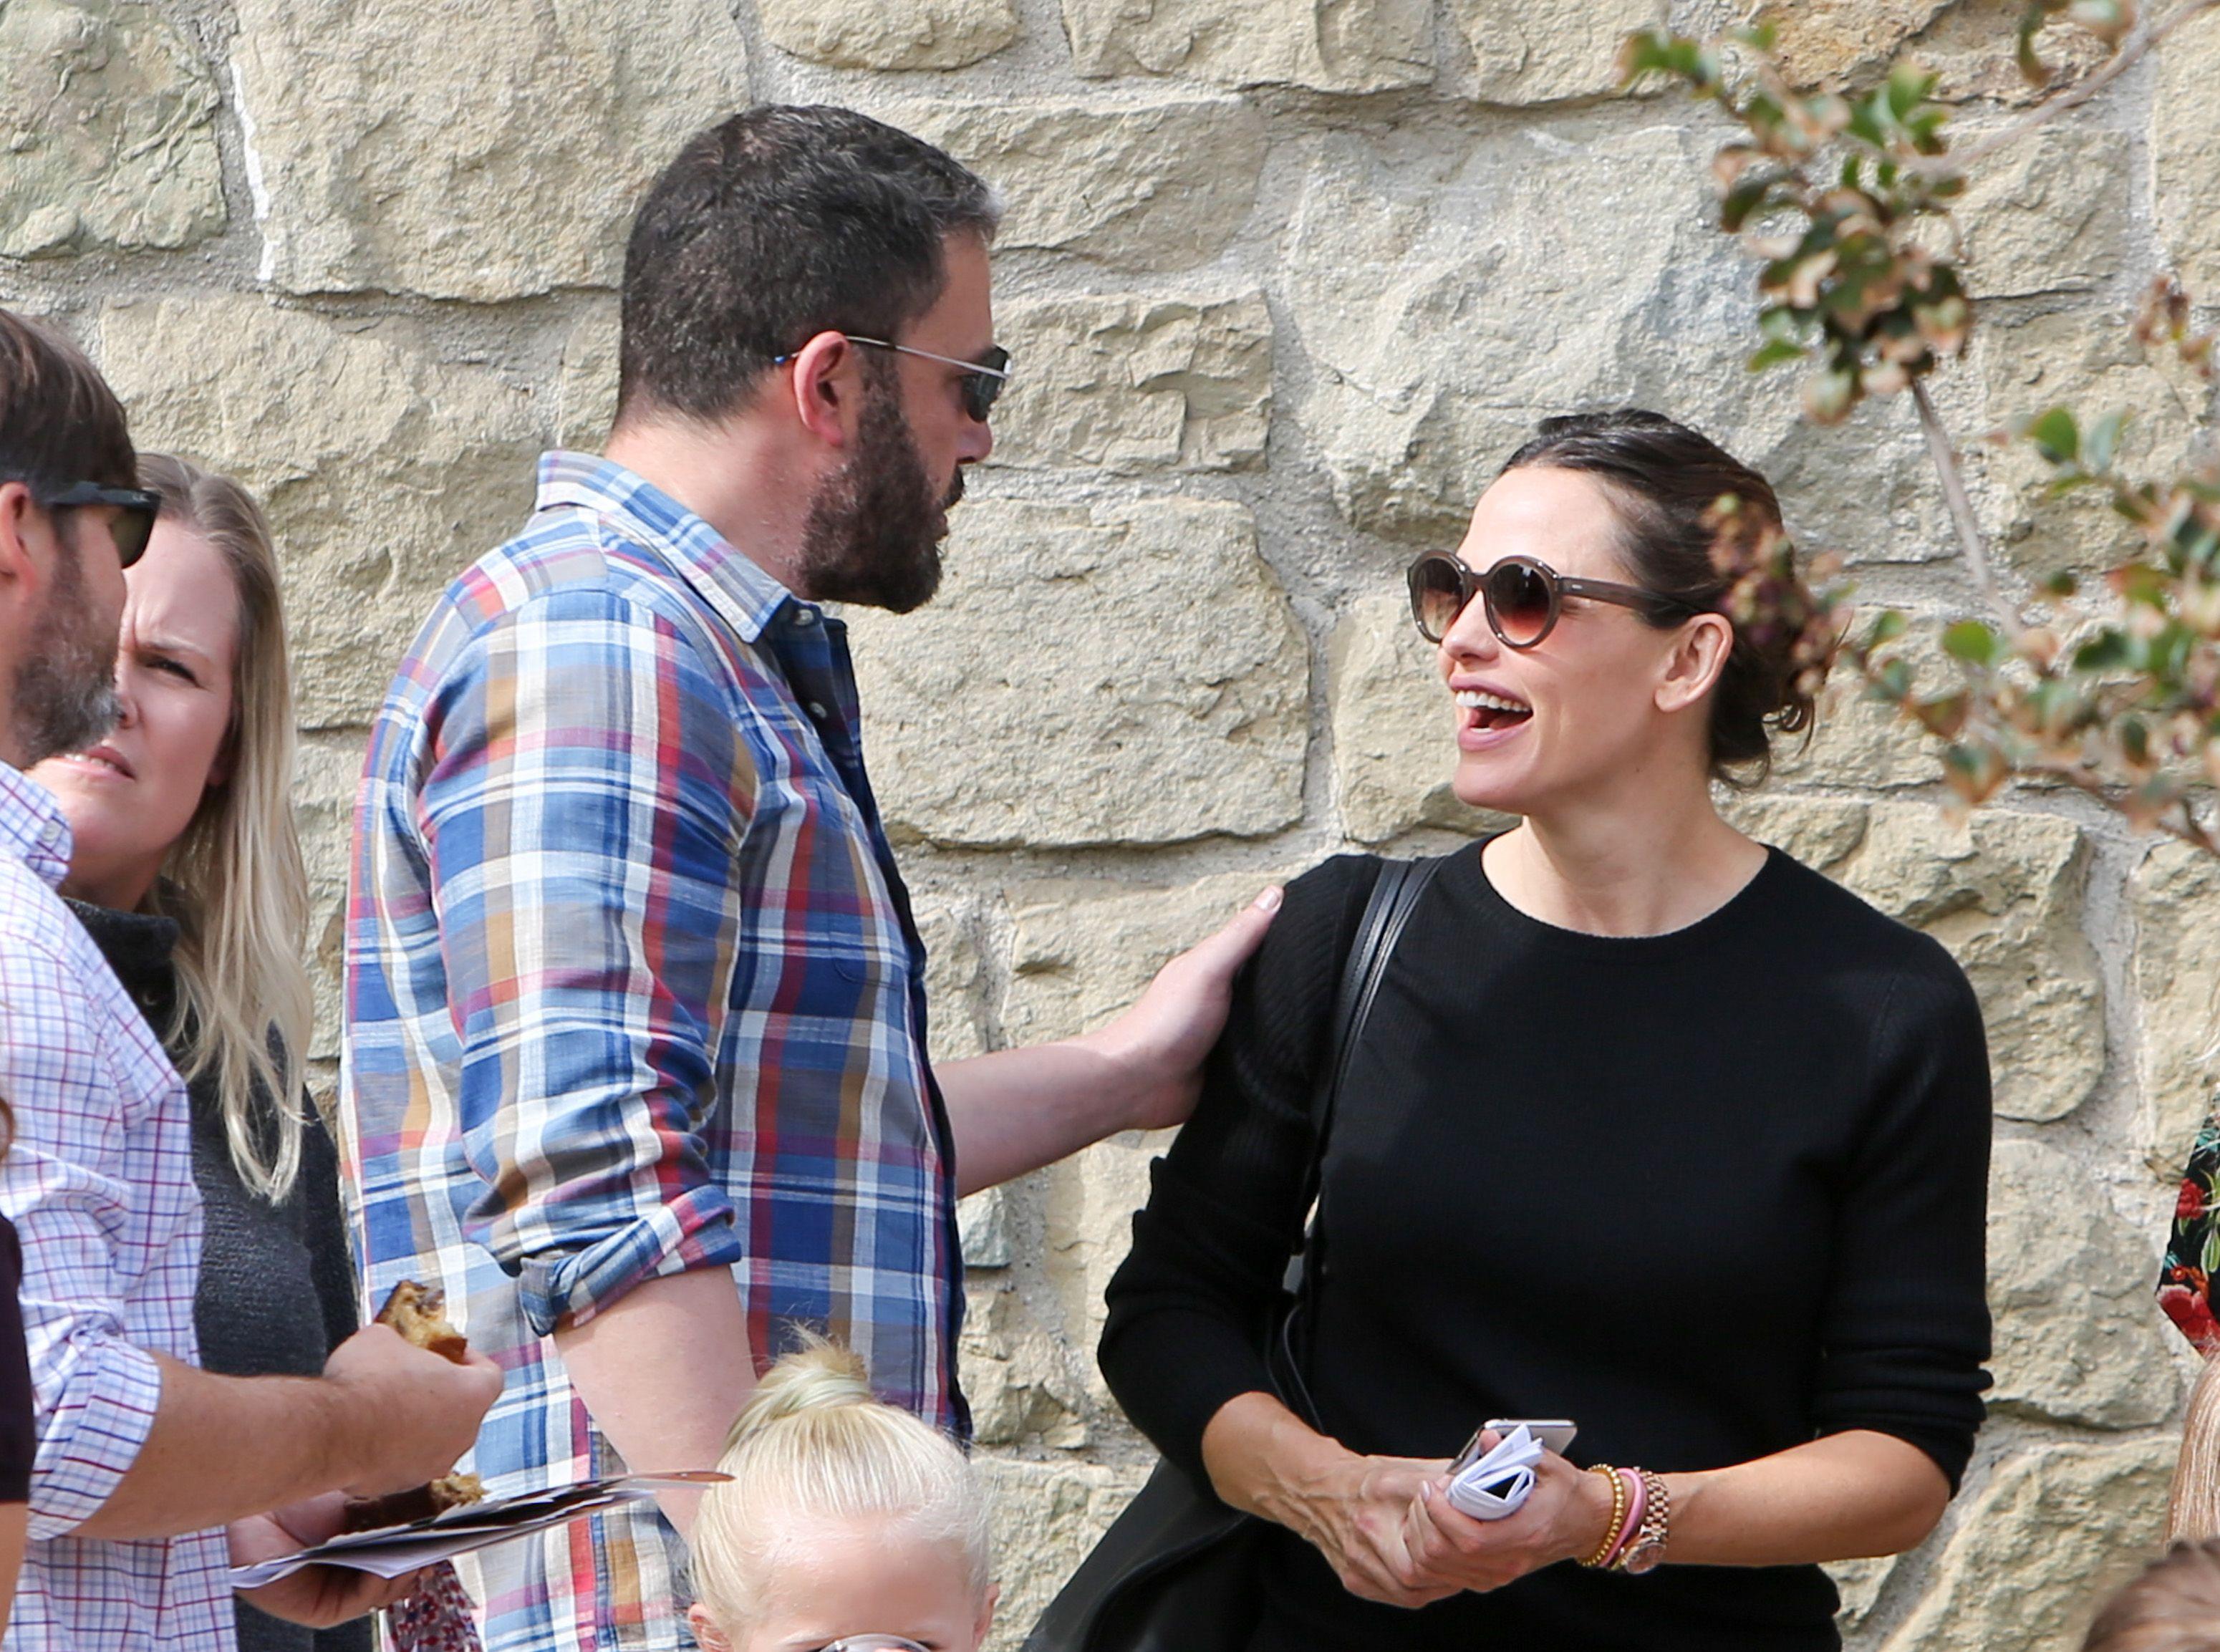 Ben Affleck and Jennifer Garner having a conversation outside